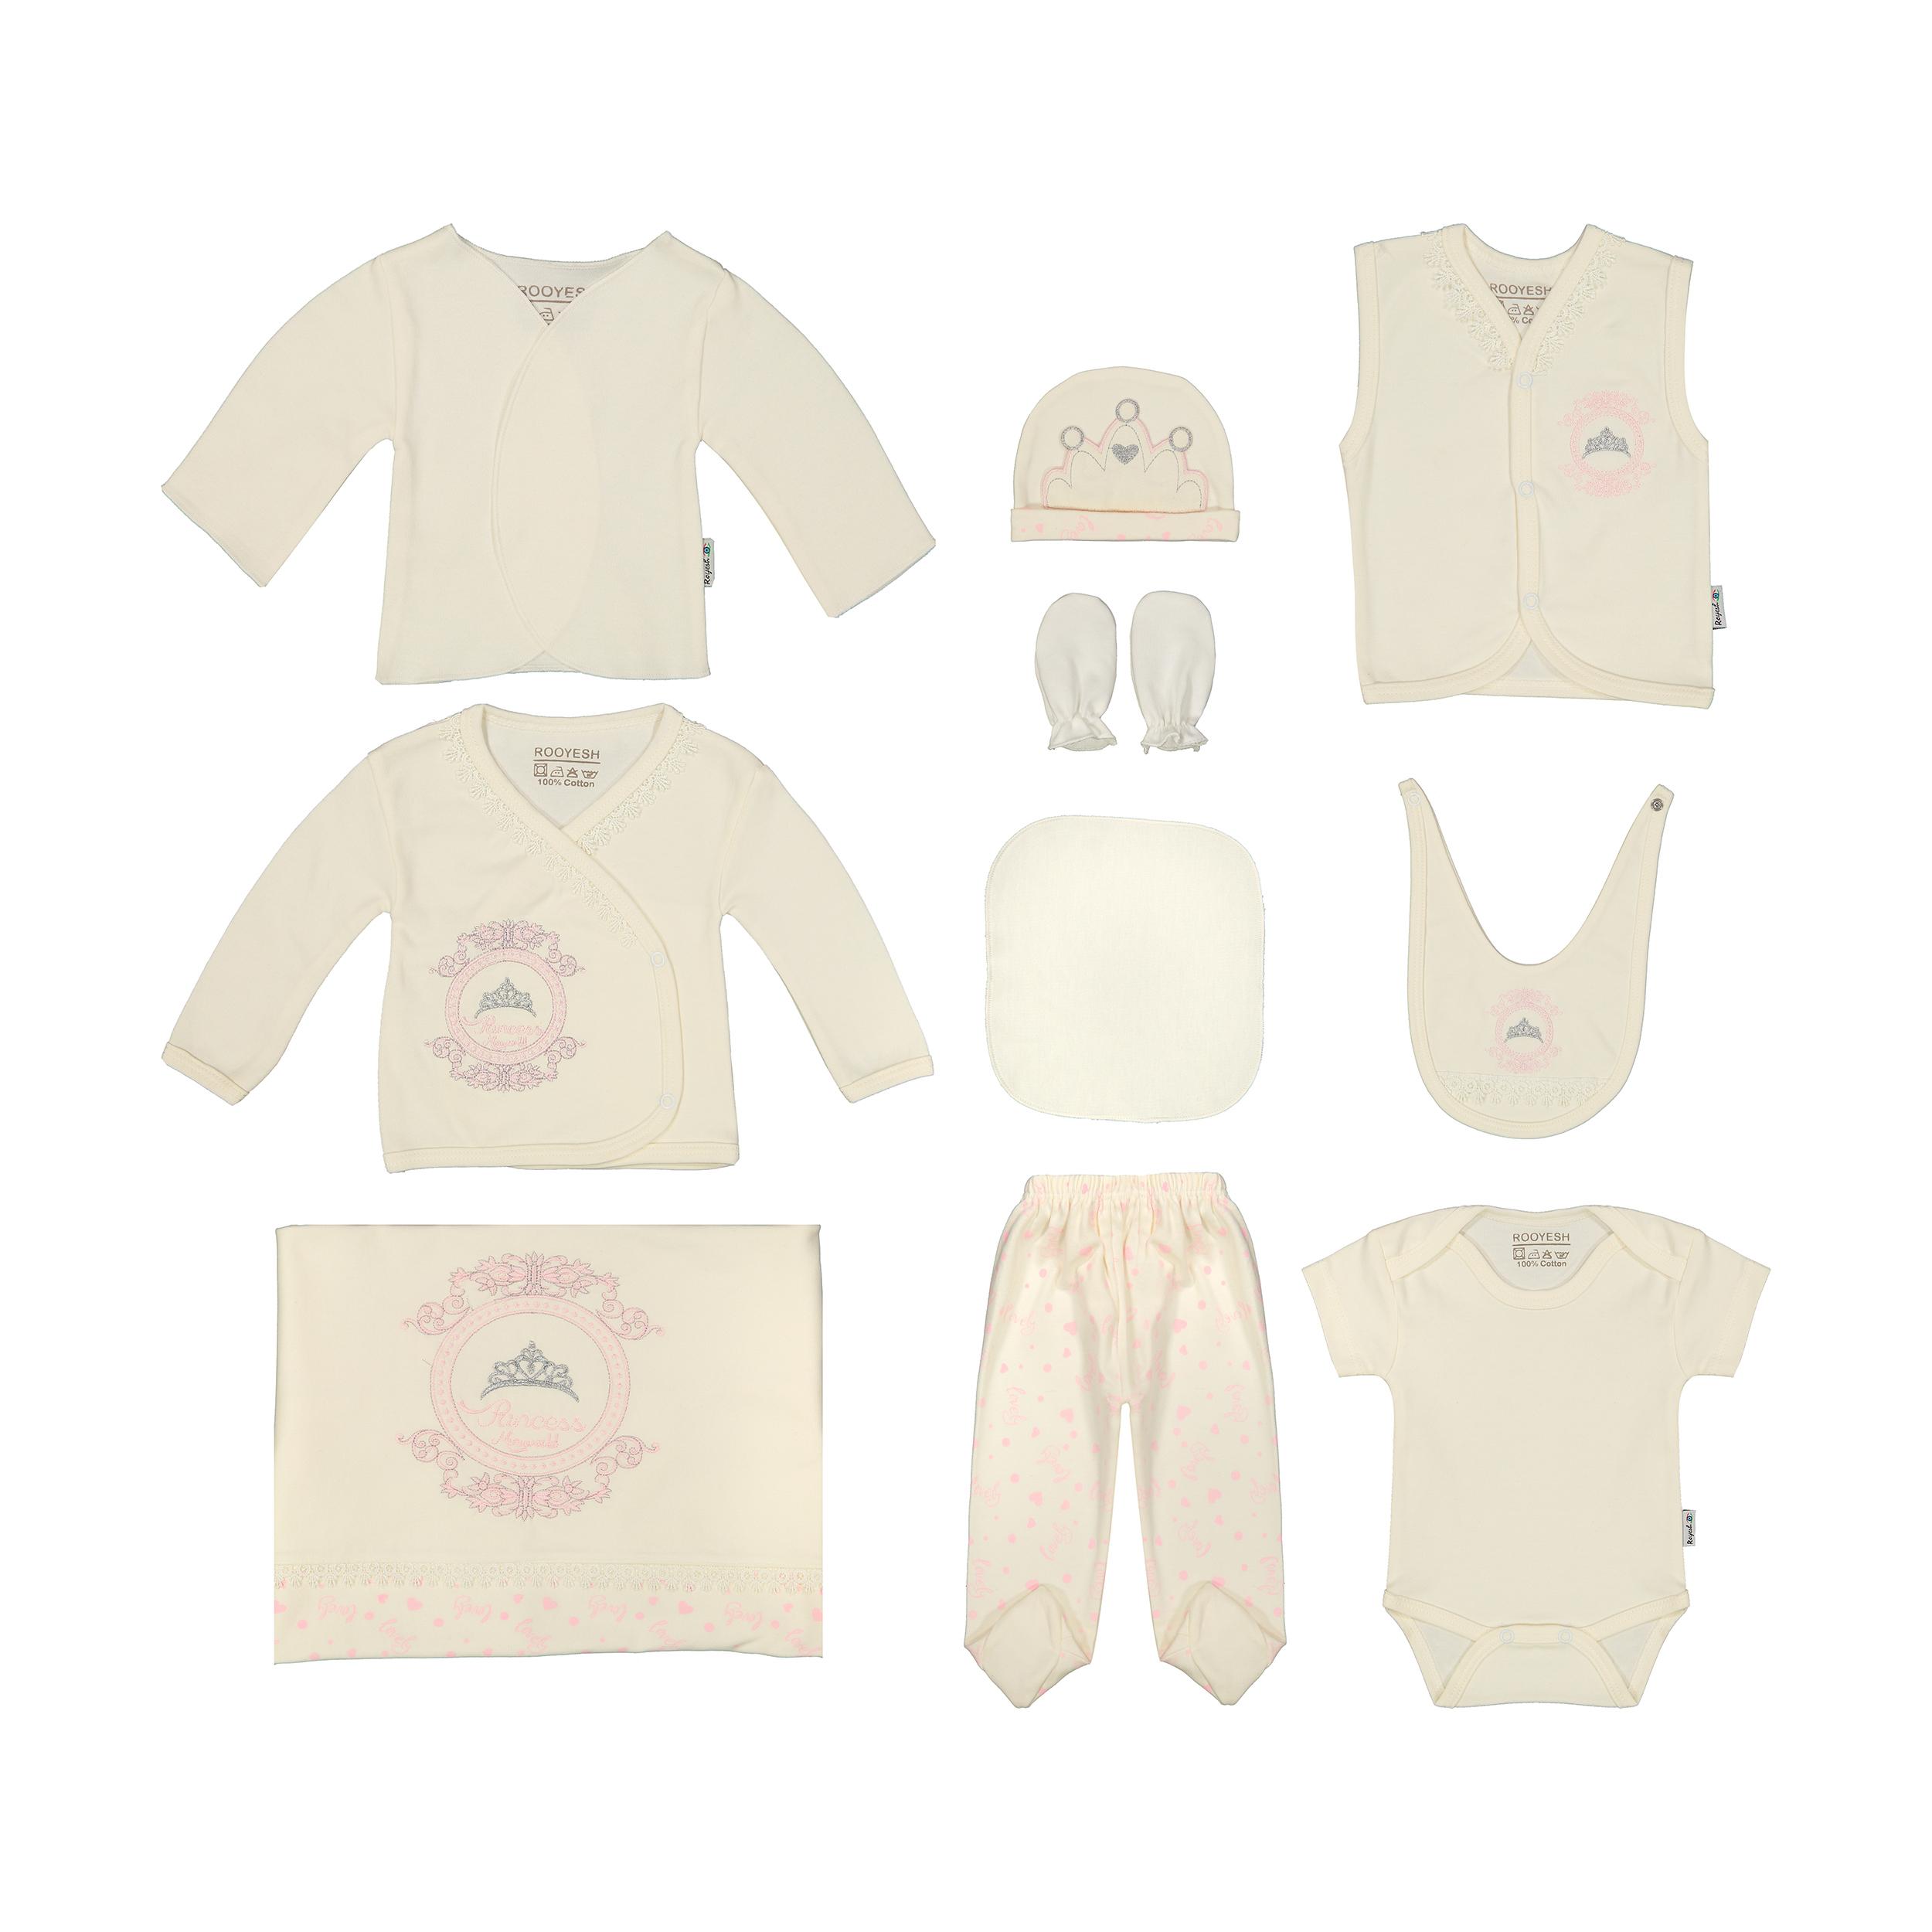 ست 10 تکه لباس نوزاد رویش کد 2